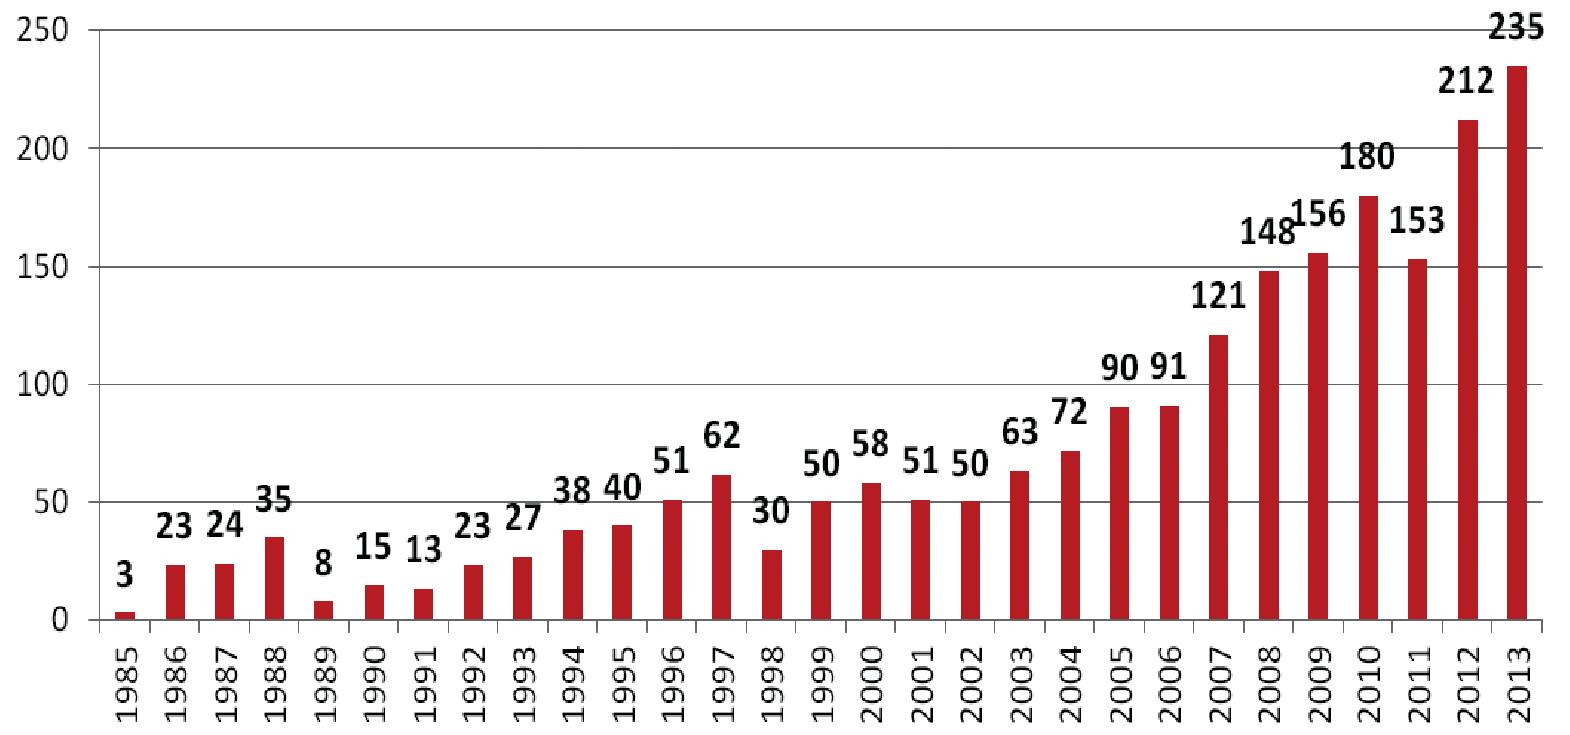 Počet nových případů HIV v ČR v jednotlivých letech